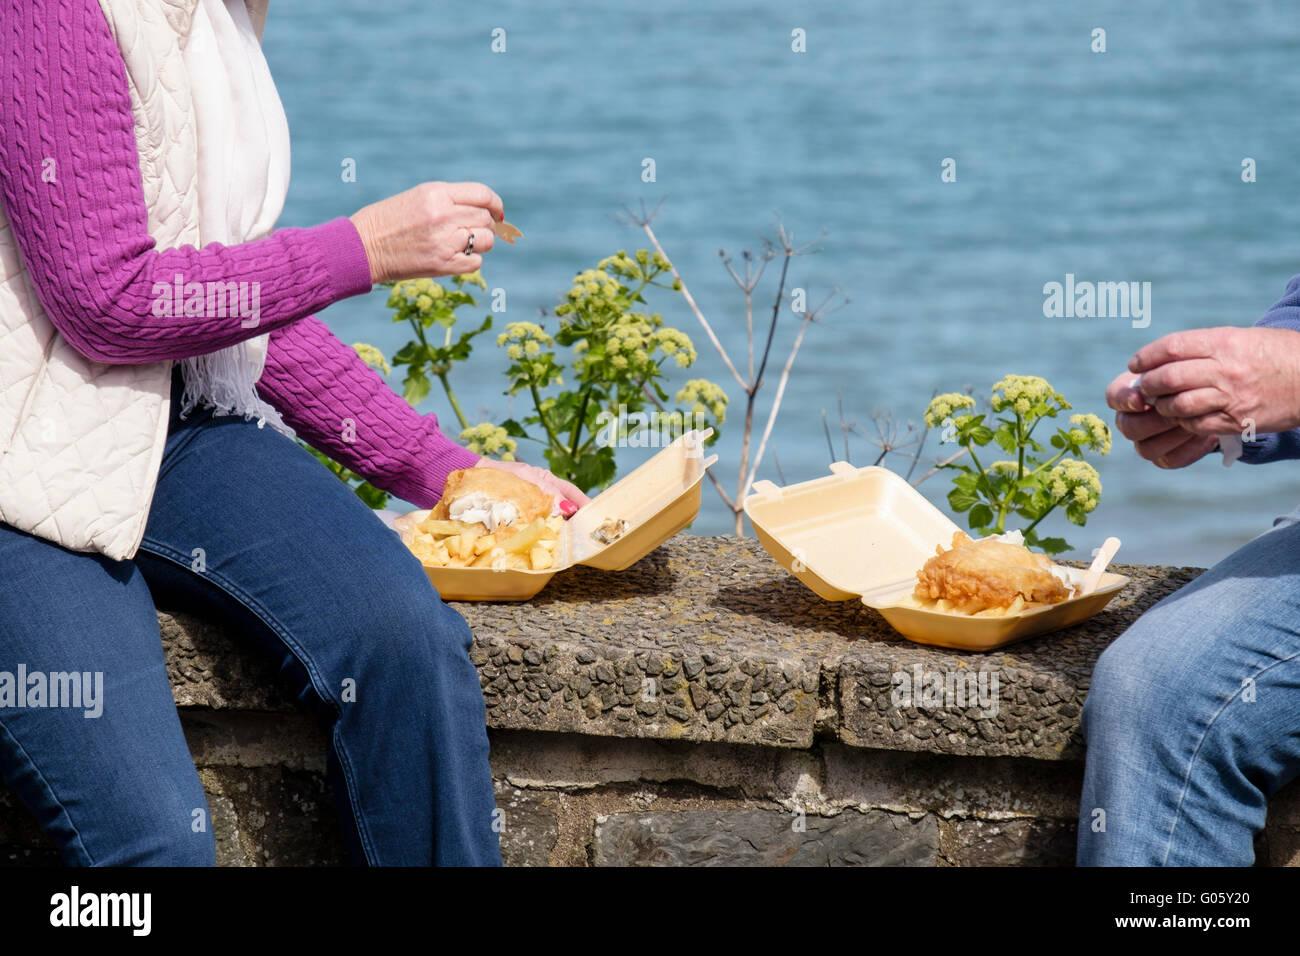 Zwei Personen Urlauber sitzen auf einem Meer wand Essen takeaway Fish und Chips aus Polystyrol Behälter in Stockbild